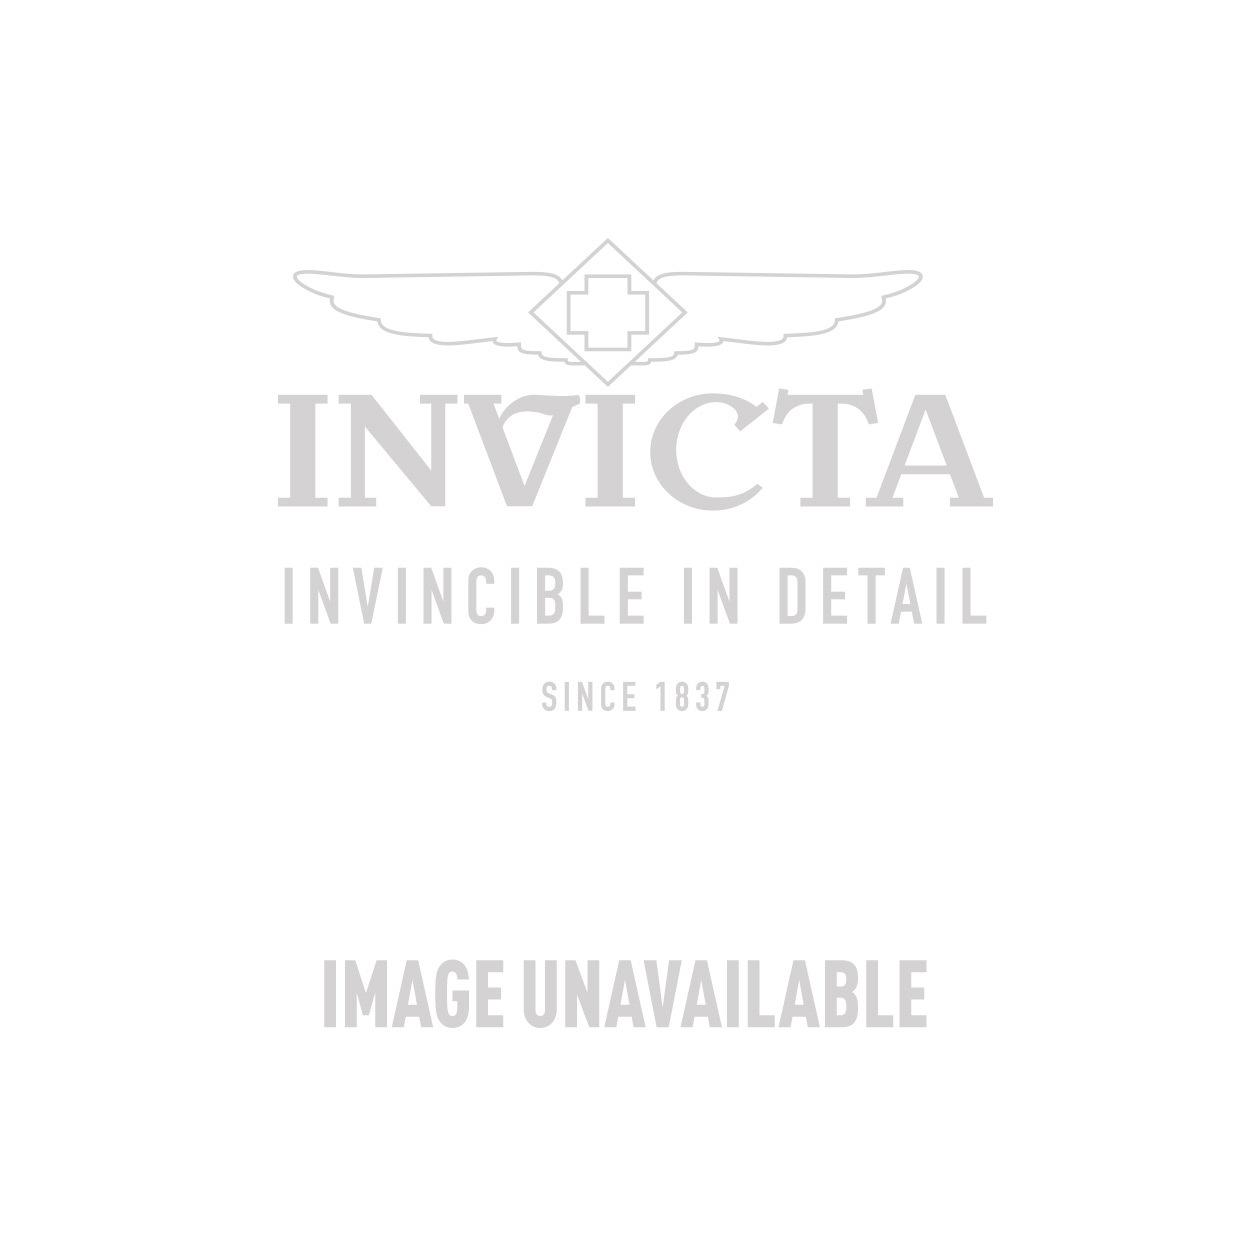 Invicta Model 27748